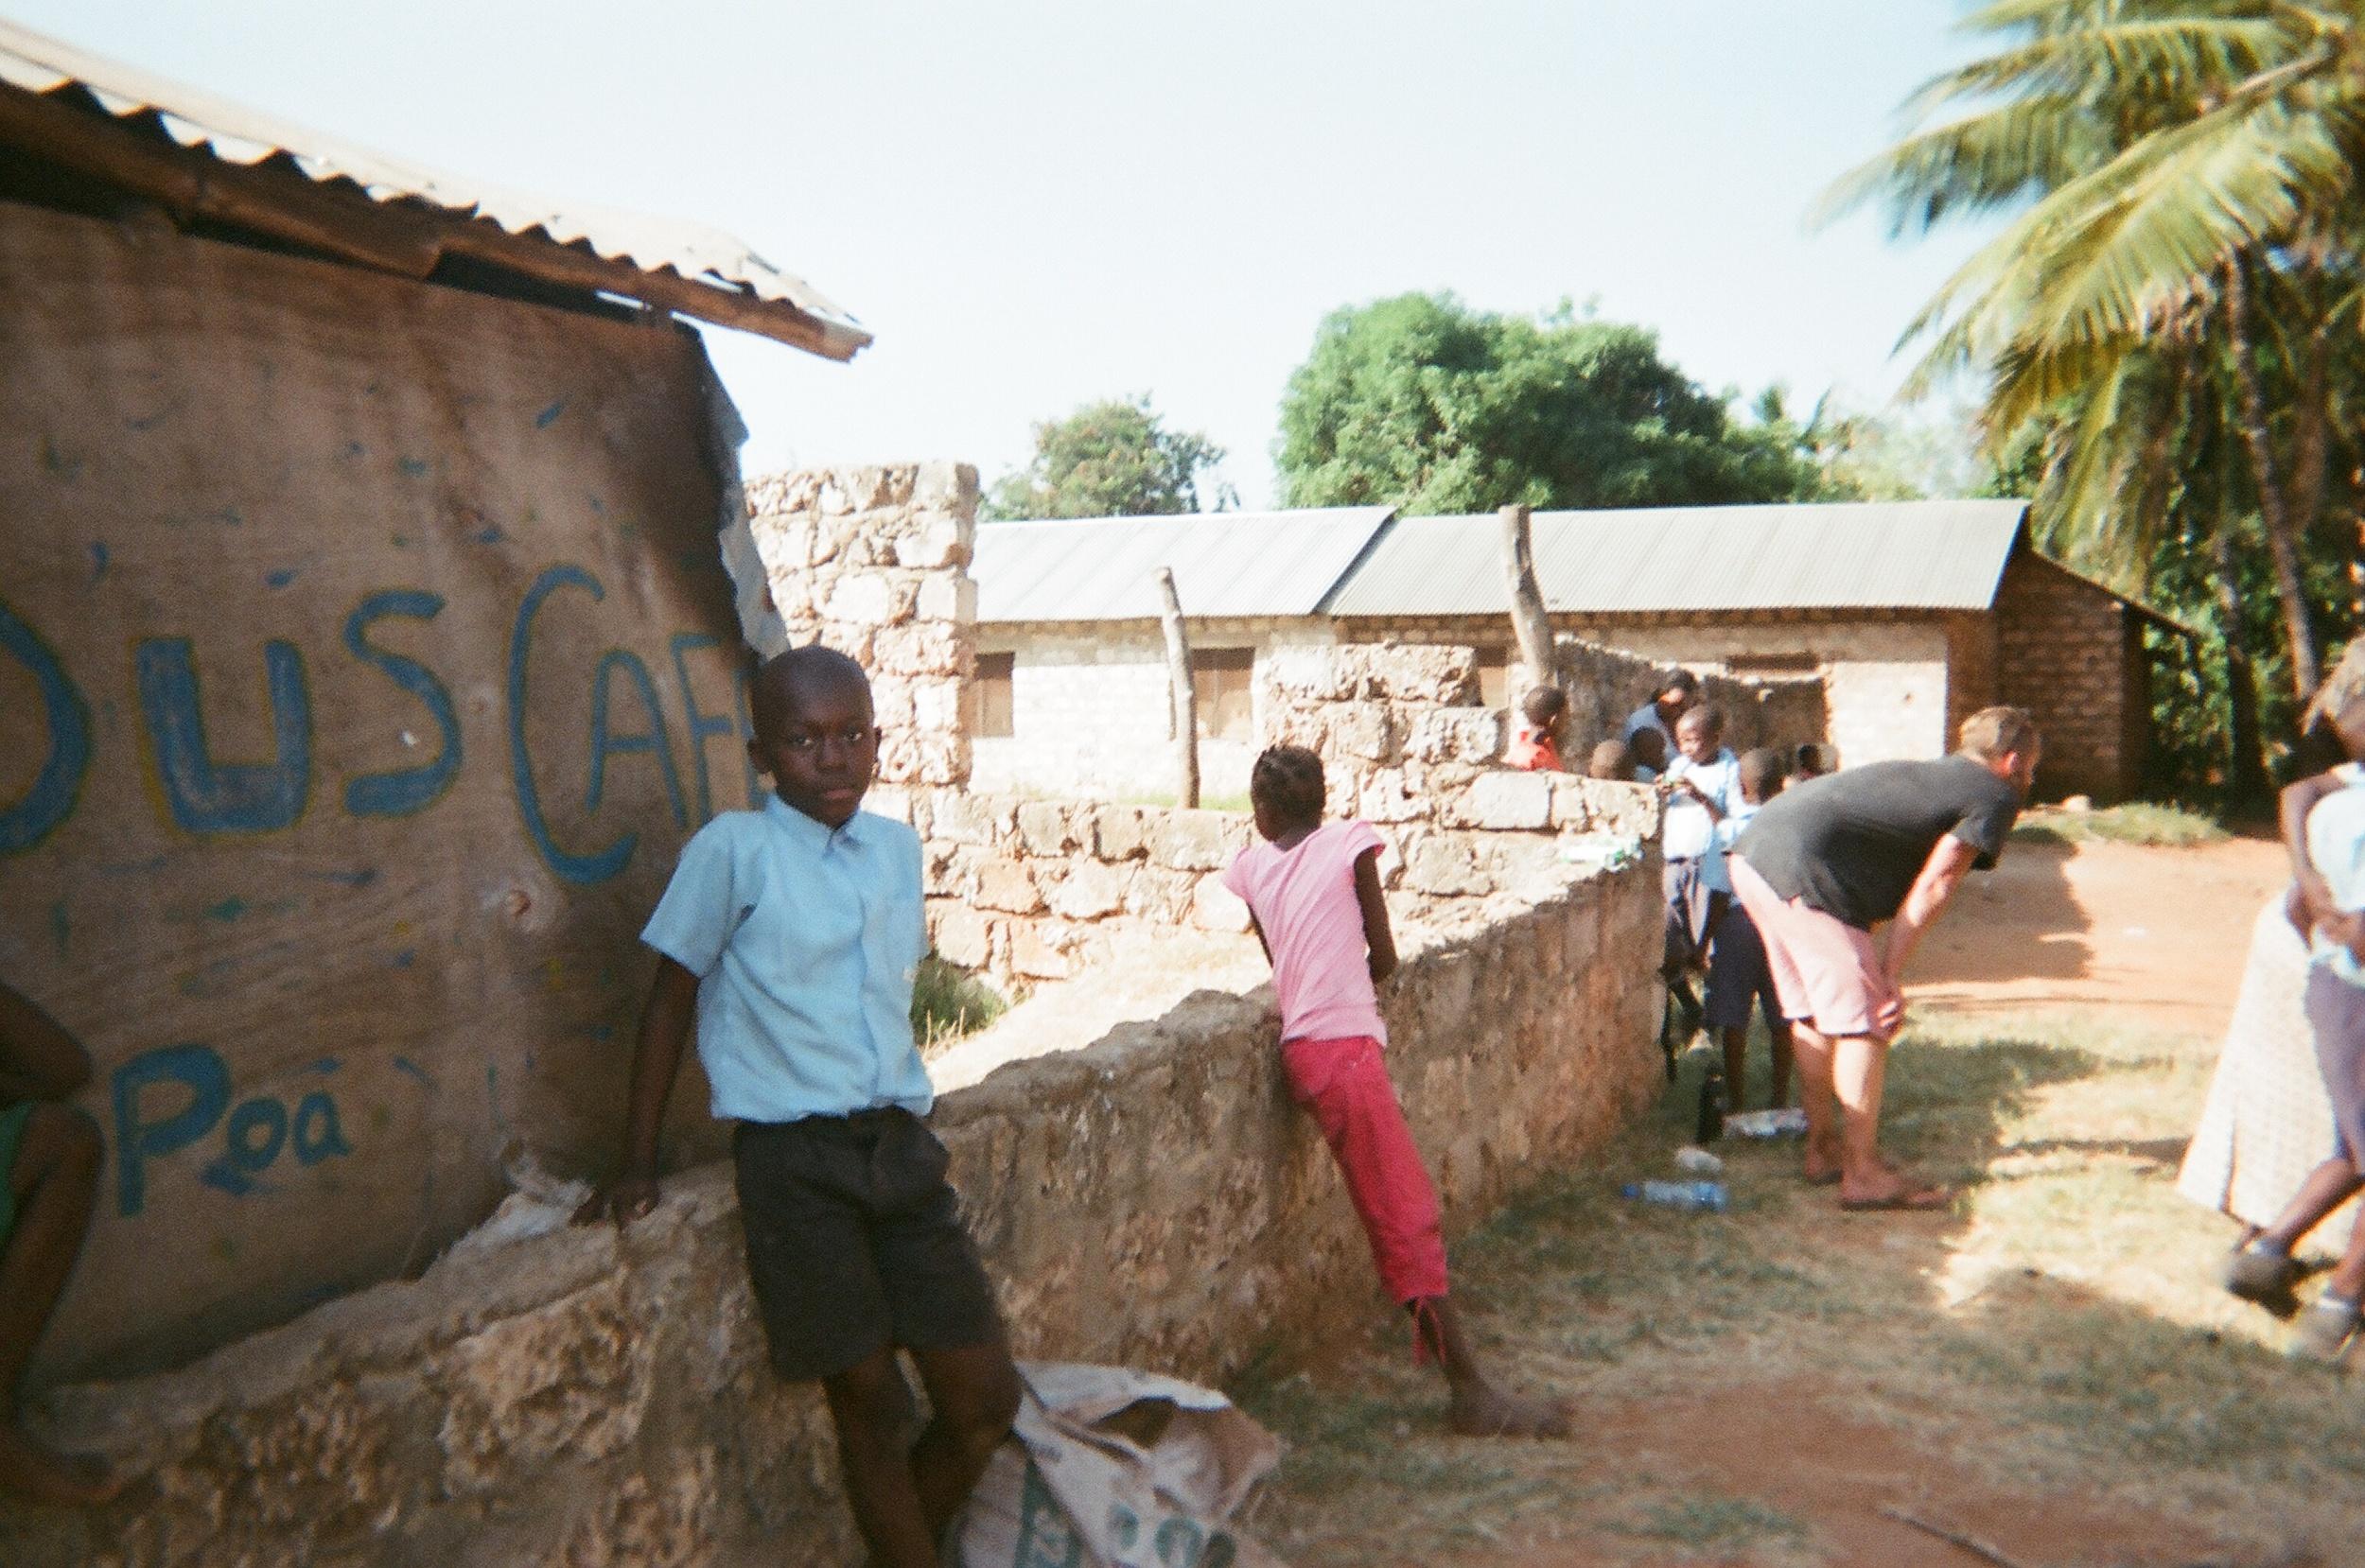 by: Emmanuel Bidii - 9 years old